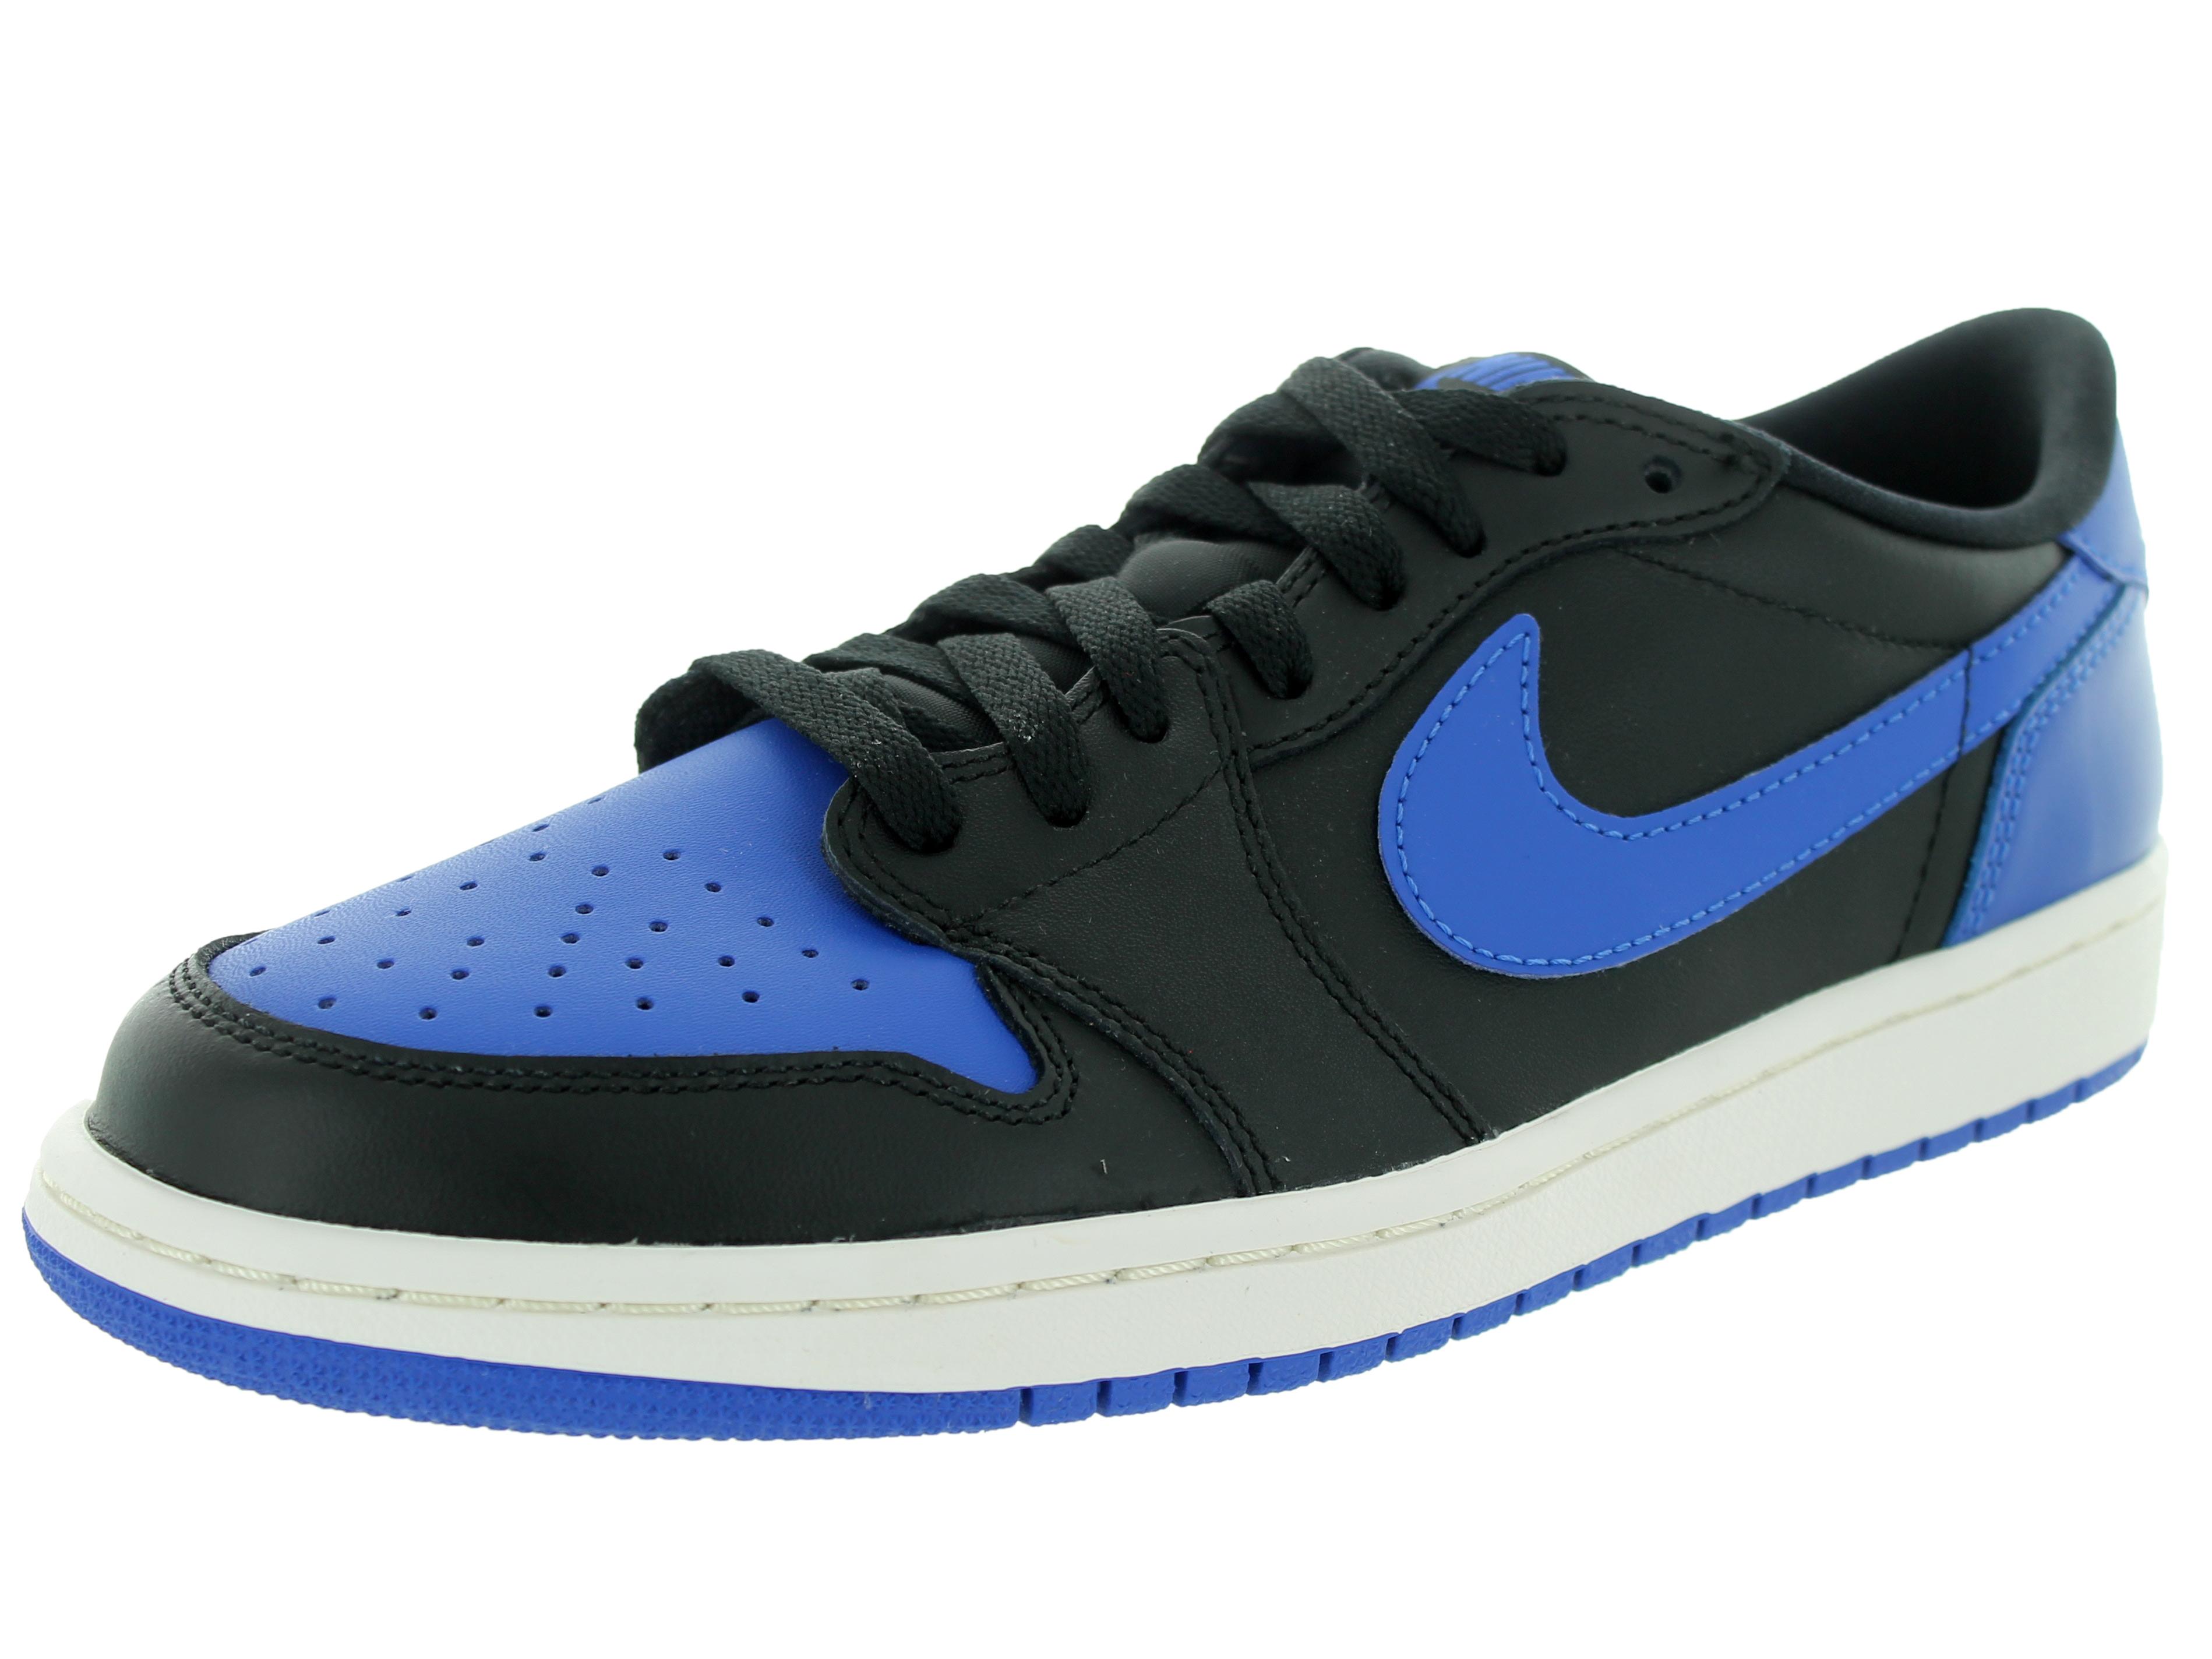 ed5894acb8f Nike Air Jordan 1 Retro Low Brown Men Basketball Shoes